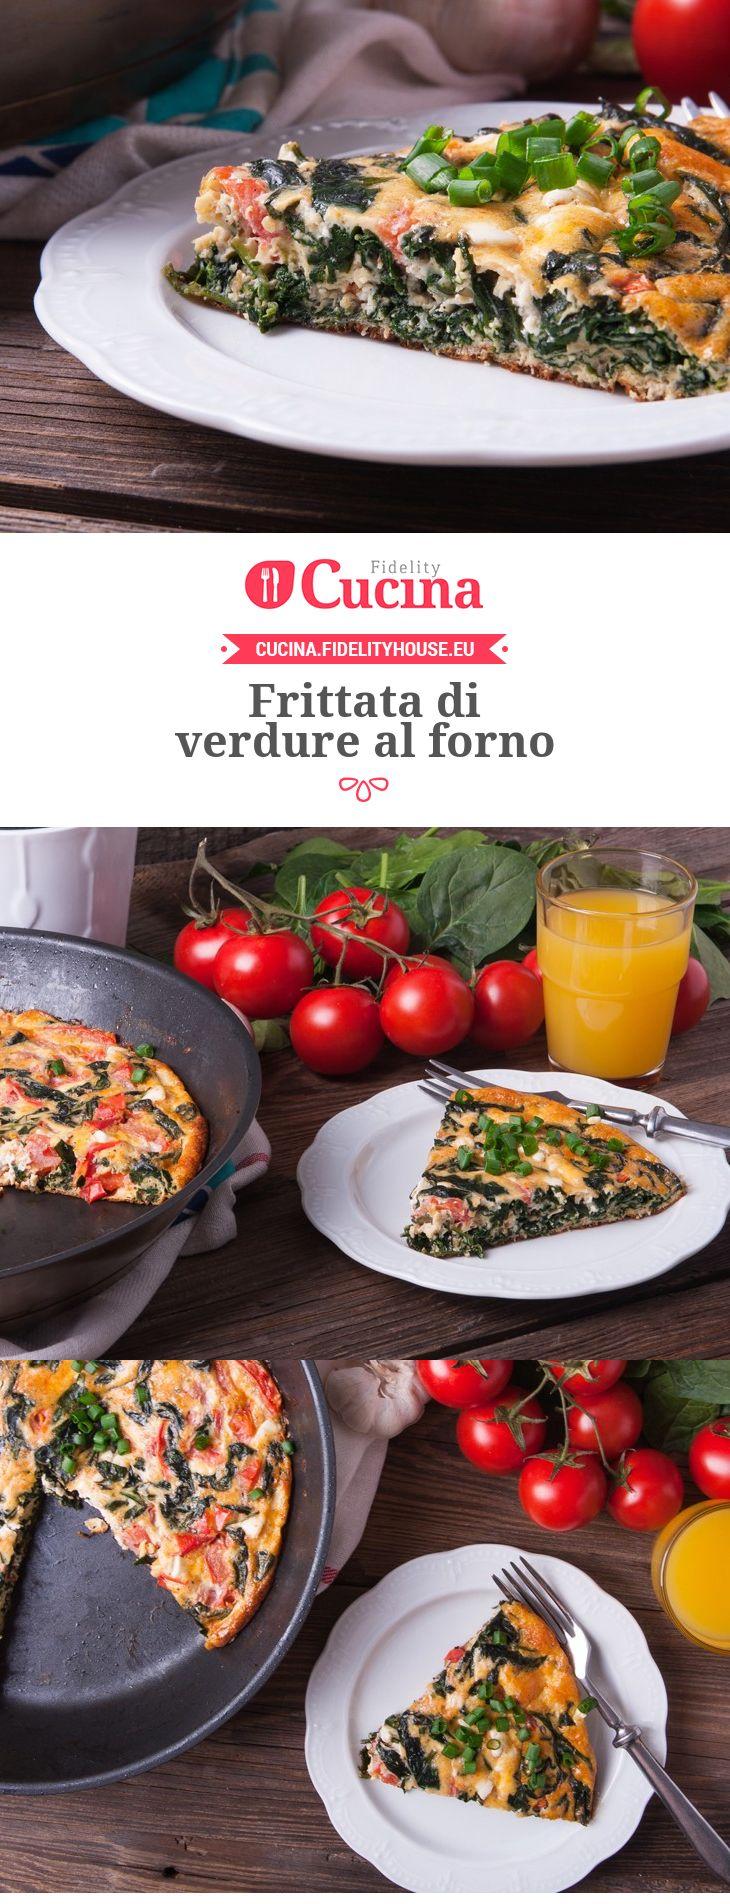 #Frittata di #verdure al forno